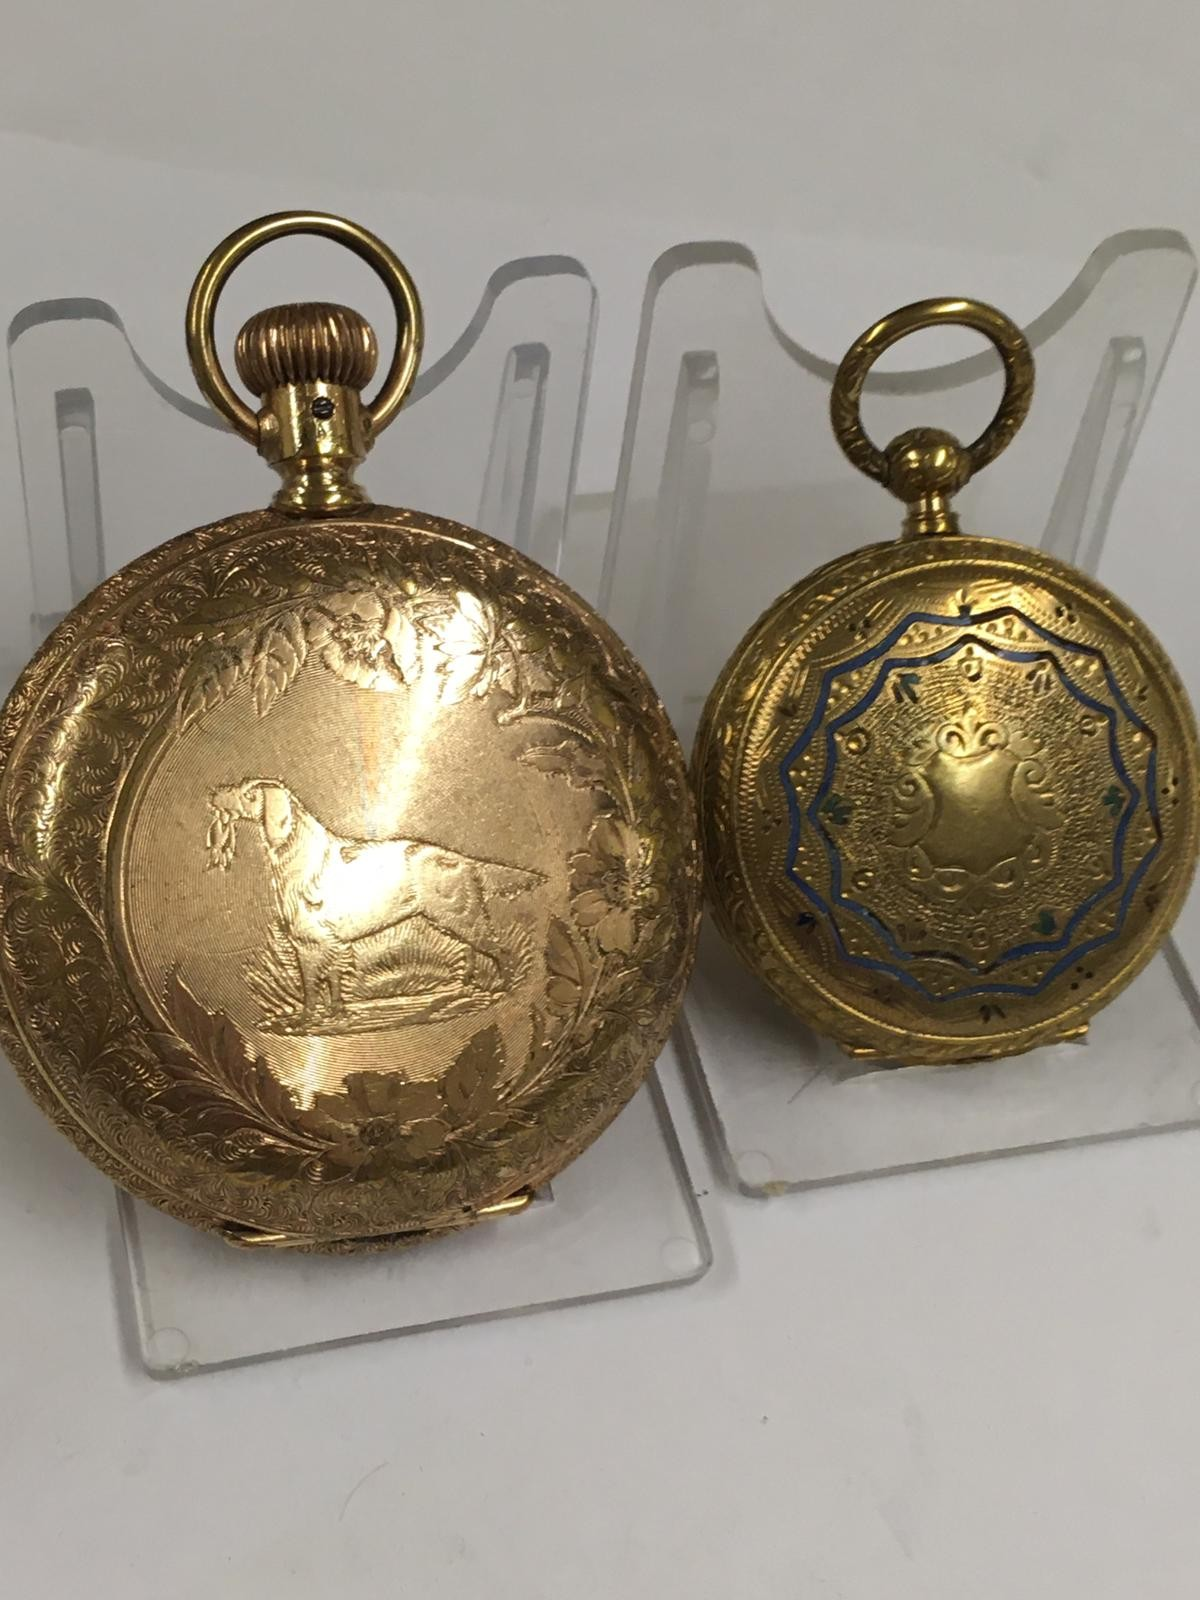 Antique pocket watch cases AF - Image 5 of 8